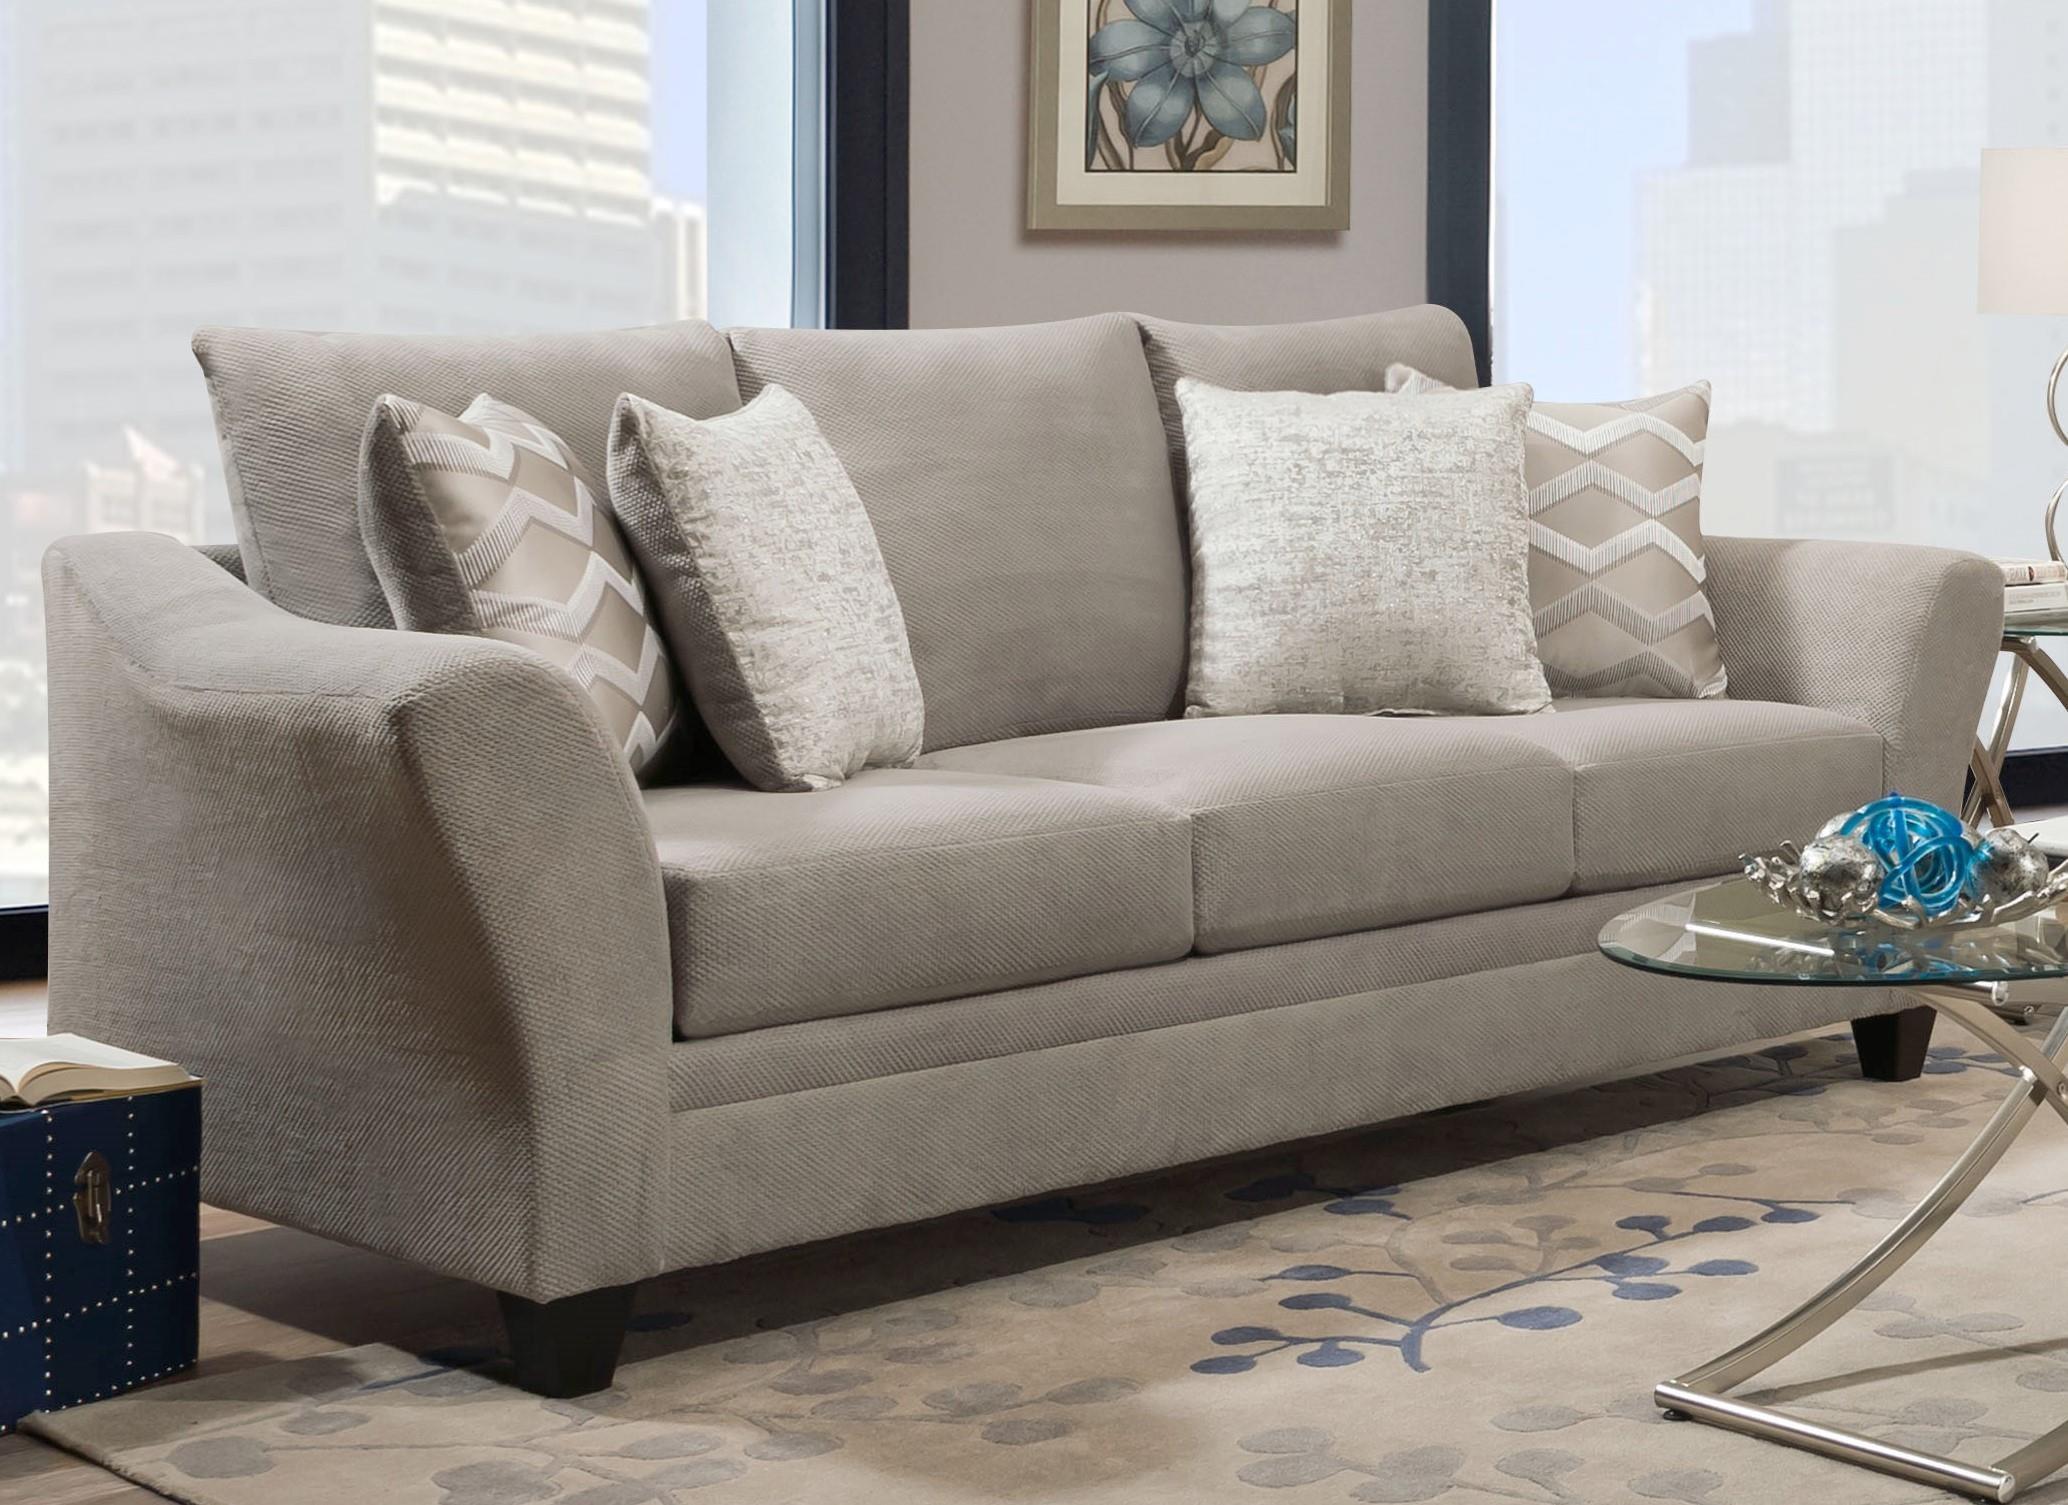 40F Copper Platinum 40F3 Sofa by Corinthian at Furniture Fair - North Carolina